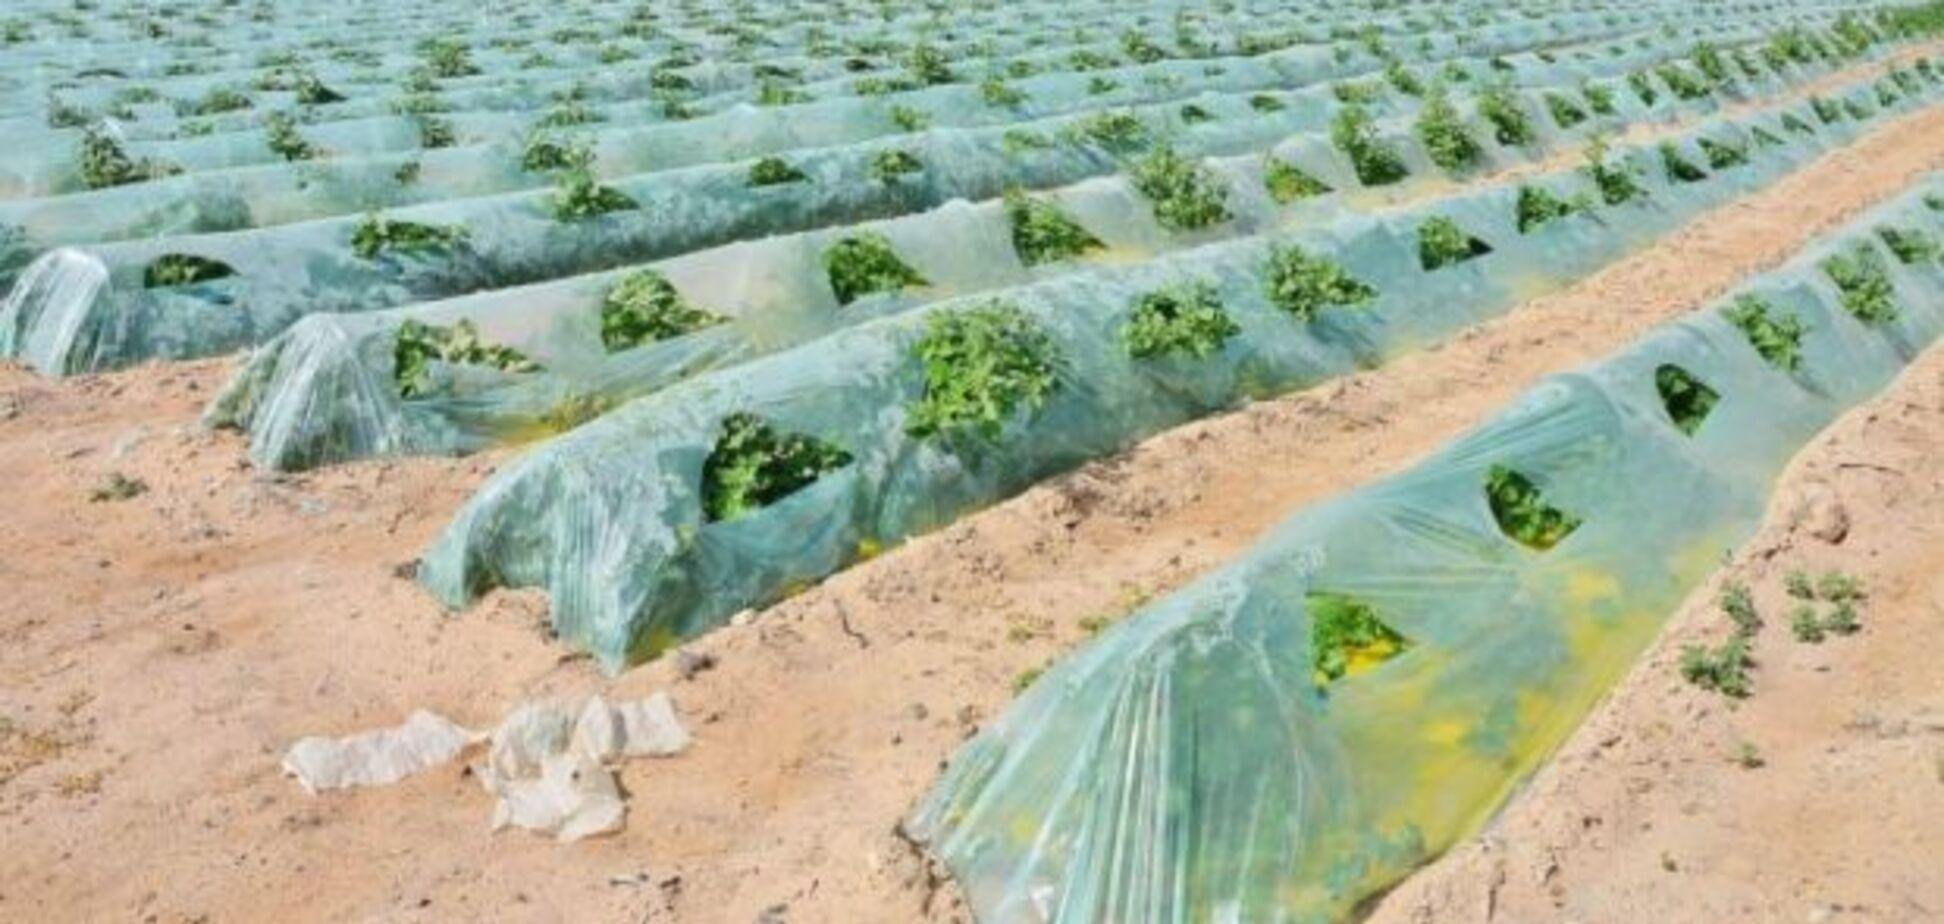 Как в Израиле выращивают овощи на песке